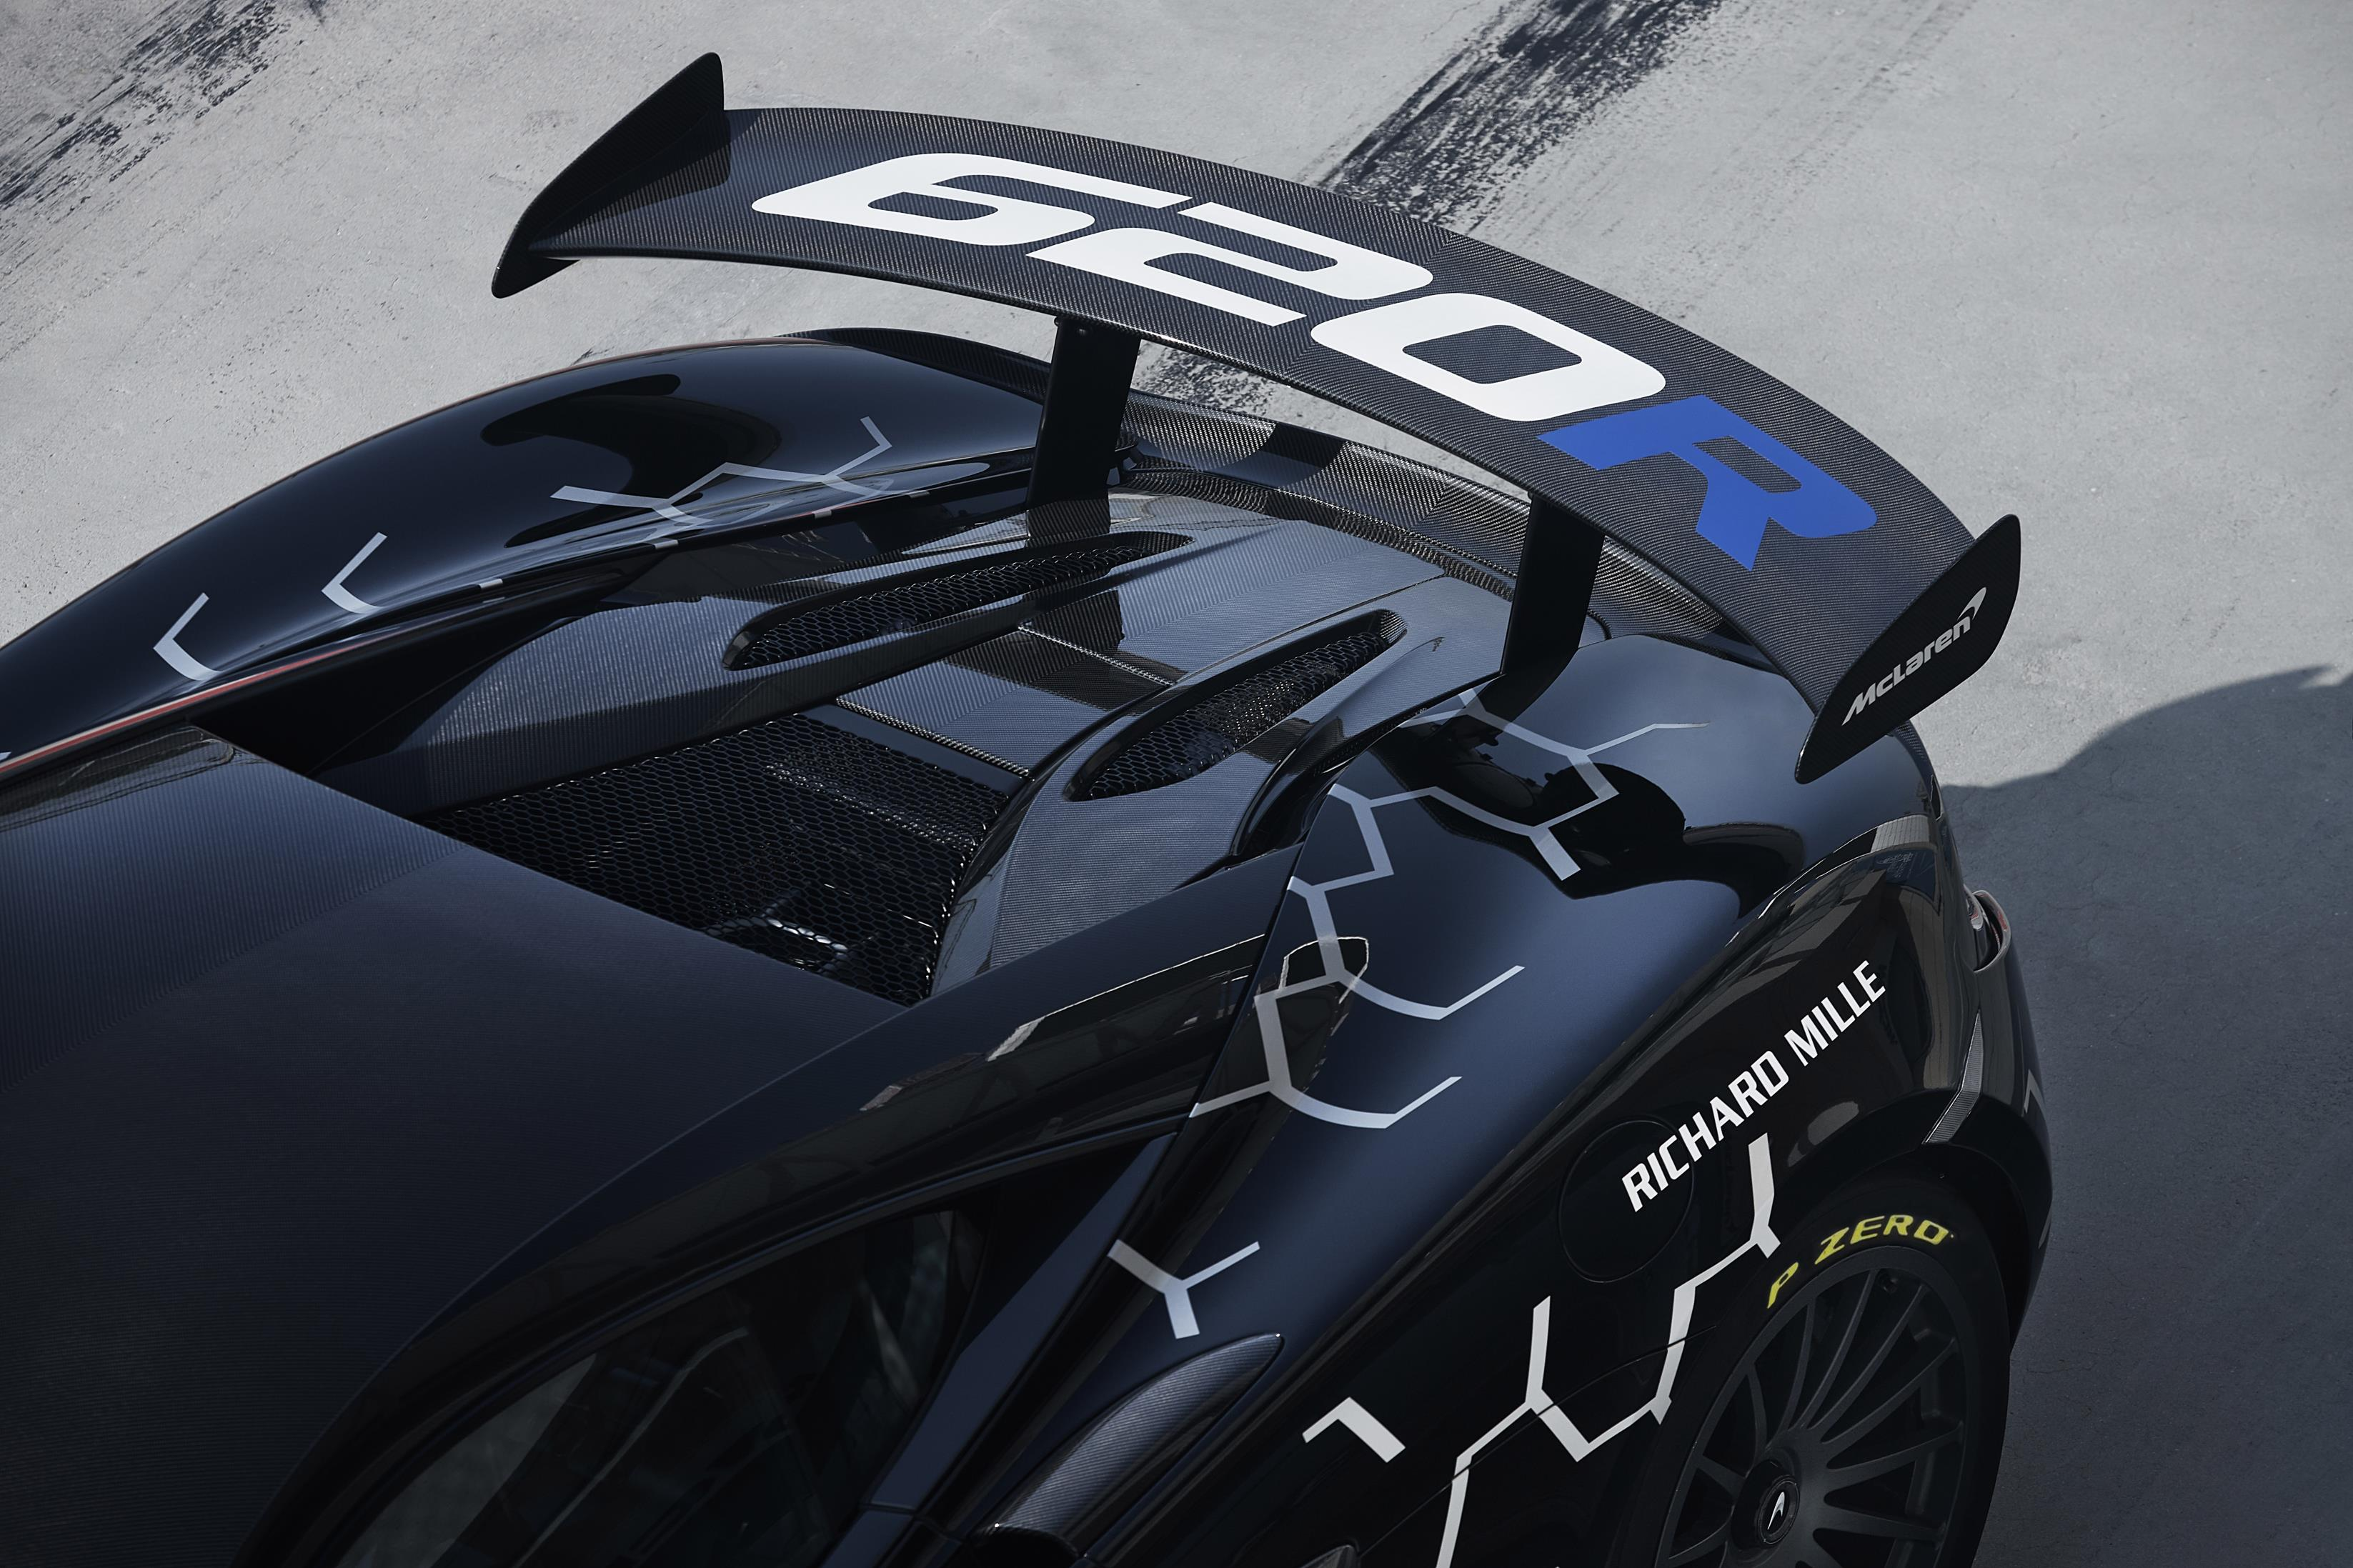 NEW McLAREN 620R SETS THE PACE AS ROAD-LEGAL VERSION OF McLAREN GT4 RACE CAR